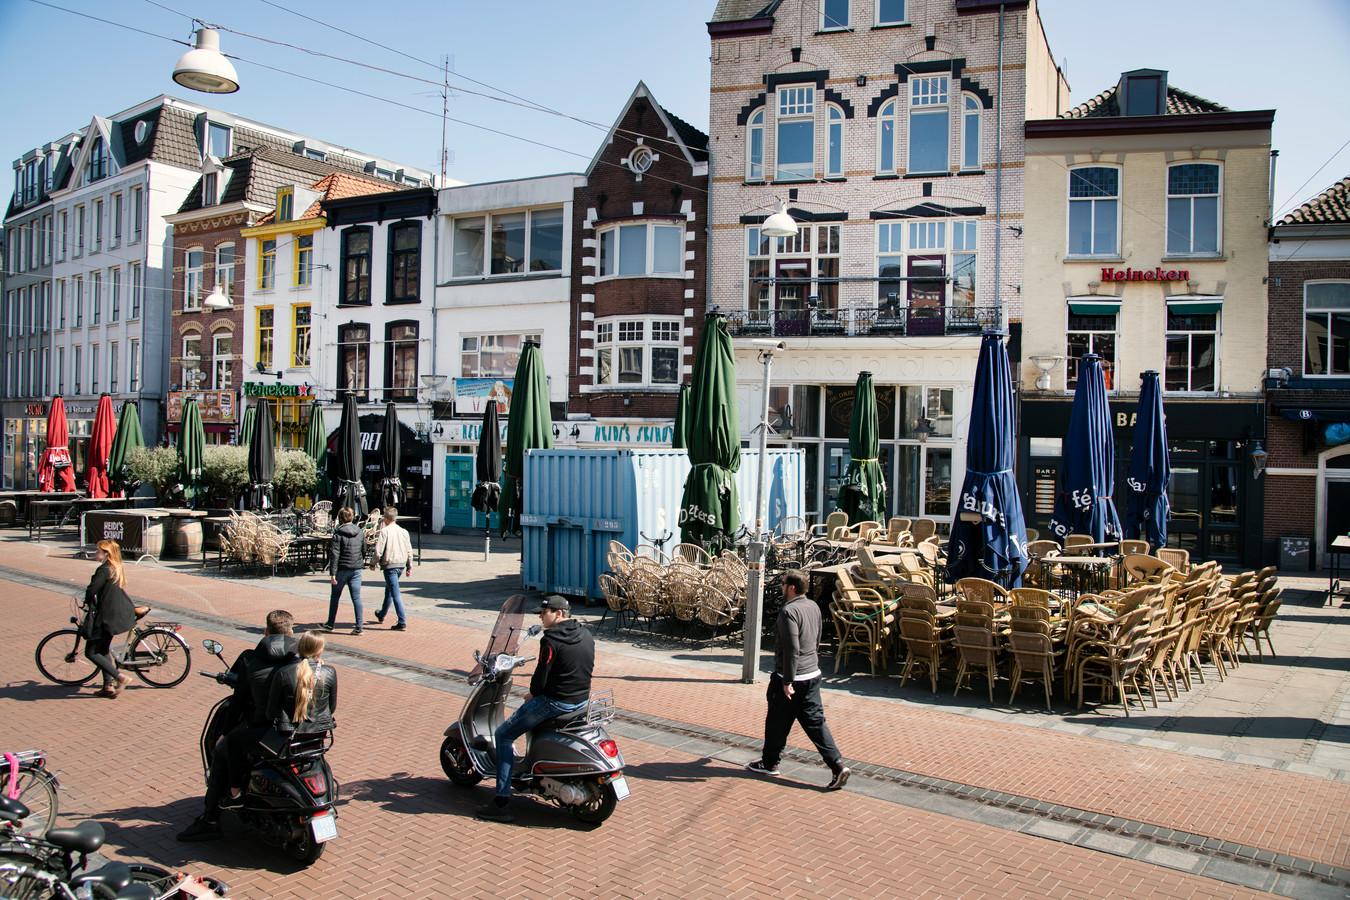 Lege terrassen bij de zaken van Khalid Oubaha in de Nijmeegse Molenstraat.